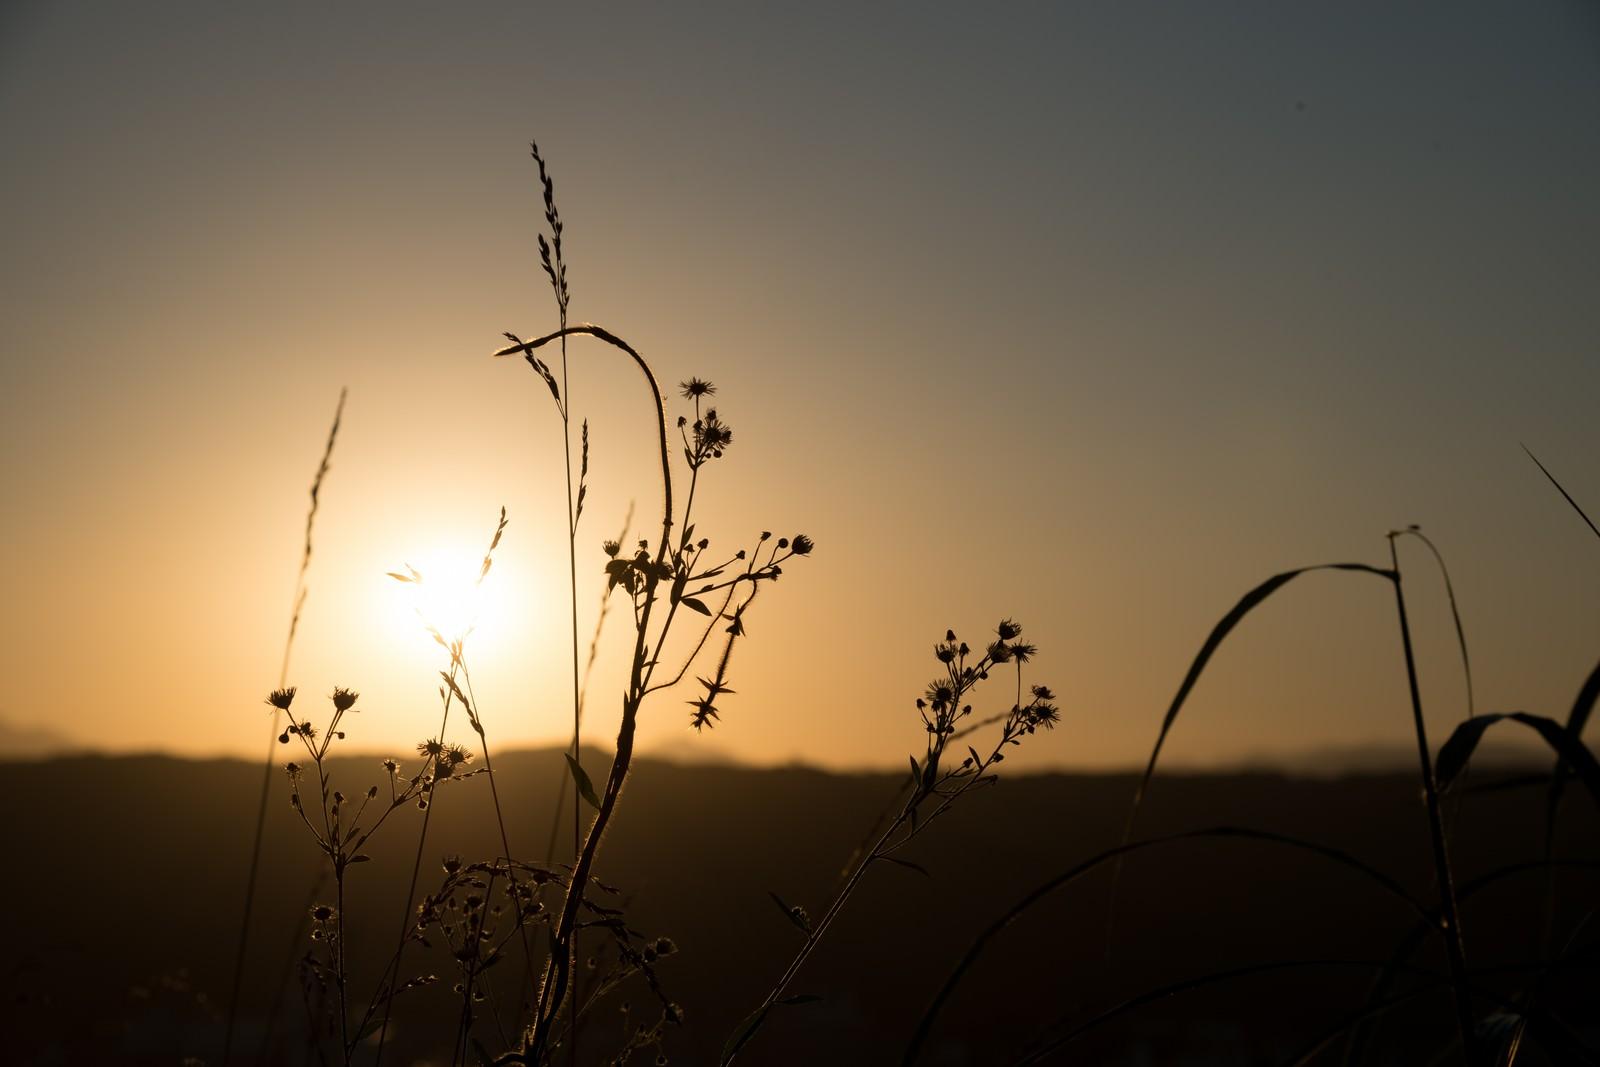 「夕陽に照らされた草」の写真